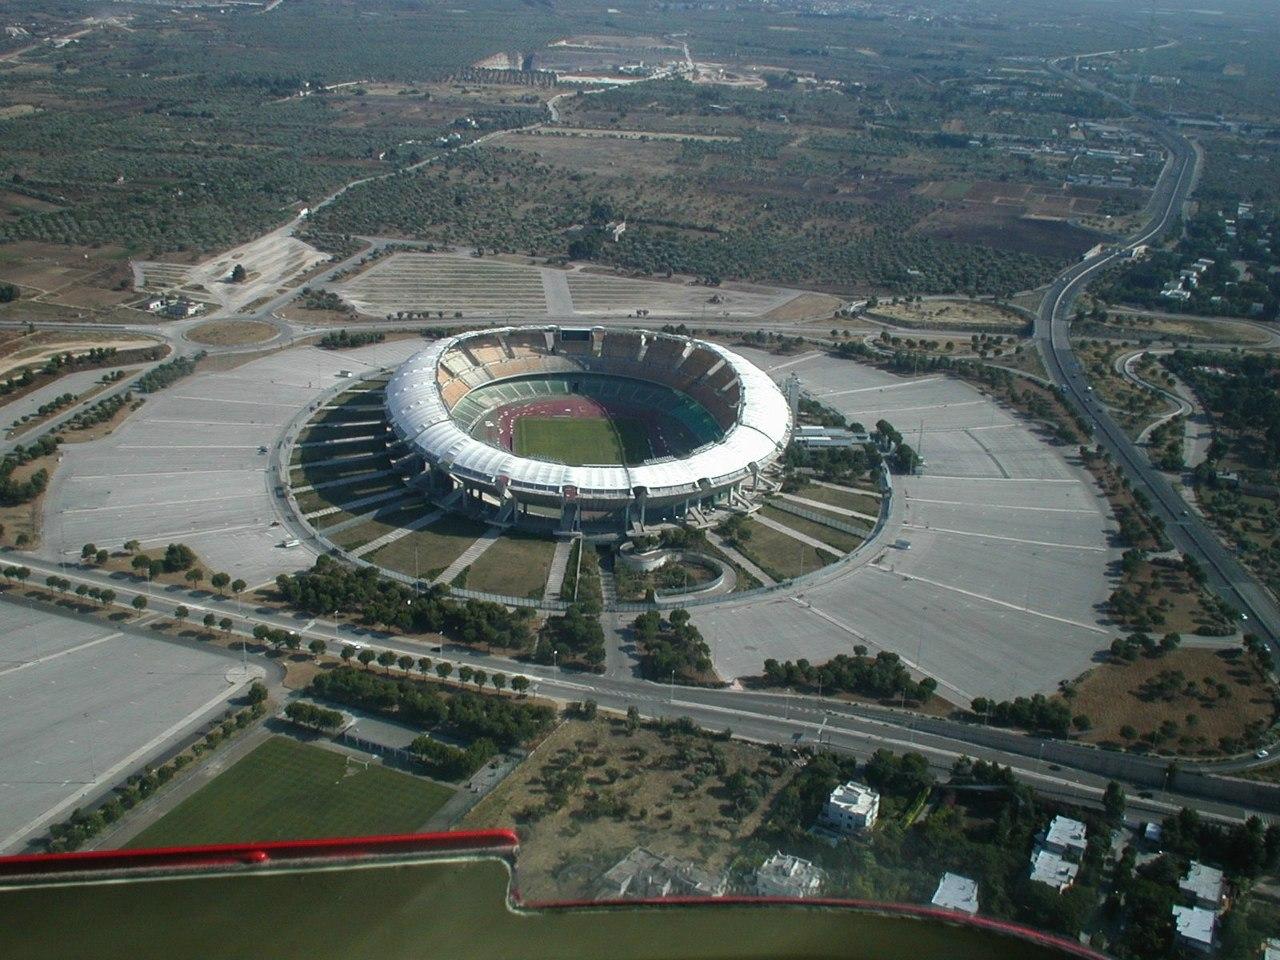 Стадион Сан-Никола (Stadio San Nicola). Бари, Италия.